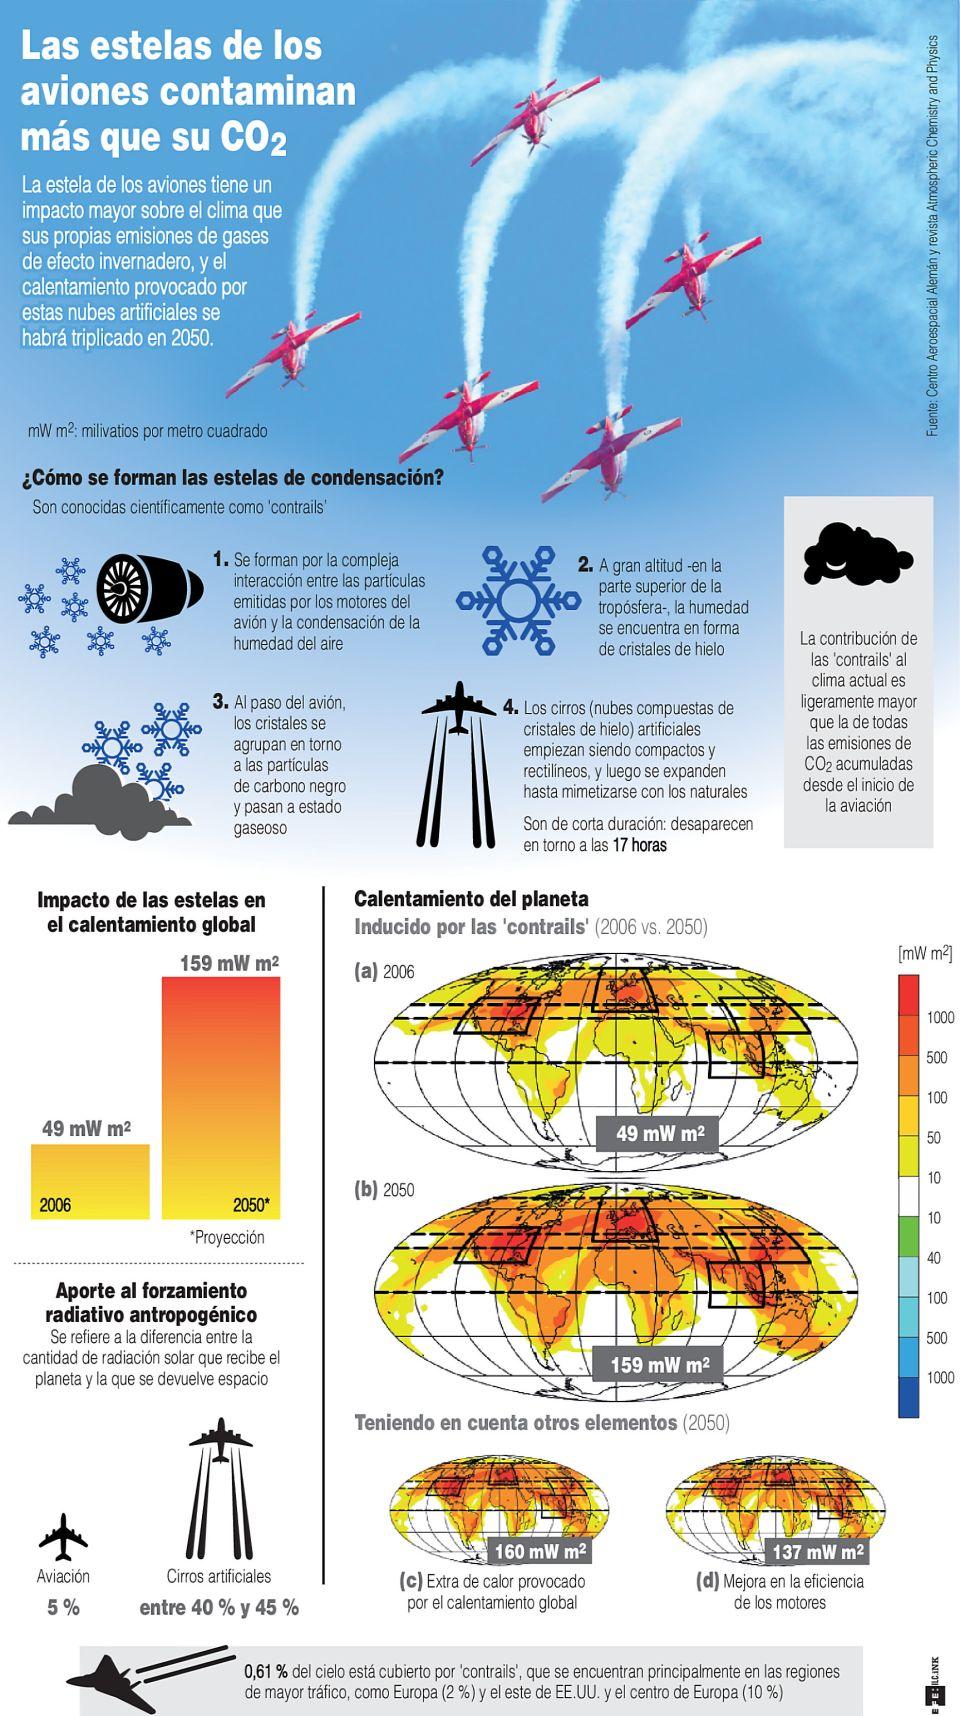 Infografía. Las estelas de los aviones contaminan más que su CO2